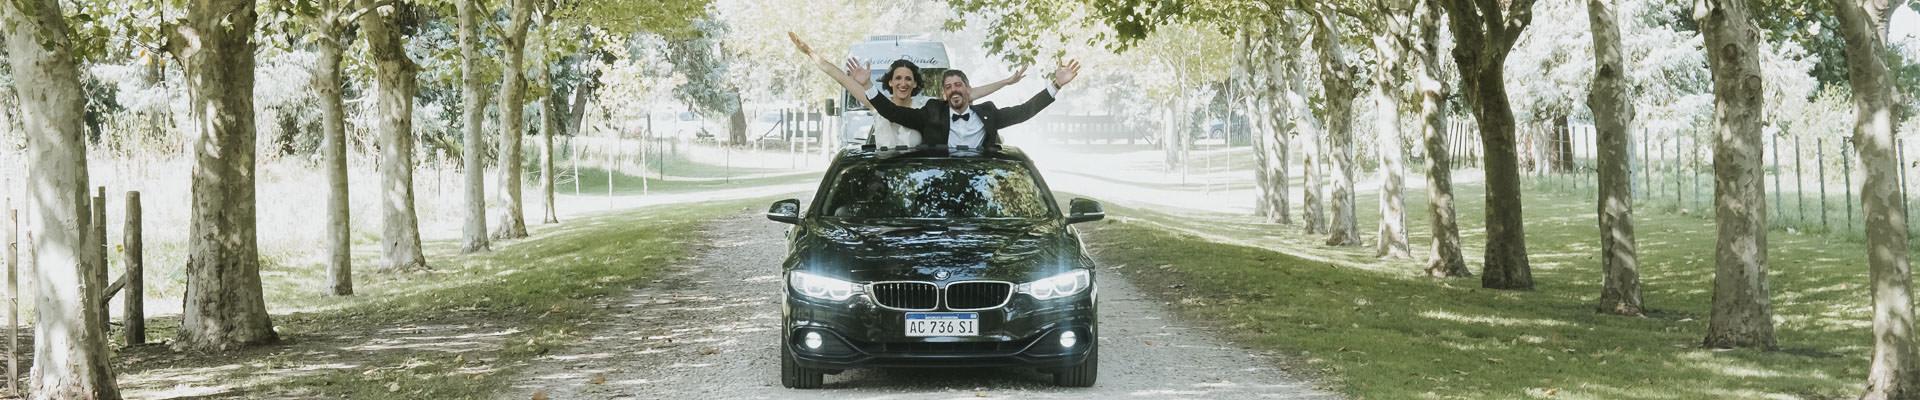 boda de dia en estancia san vicente otamendi por nostra fotografia